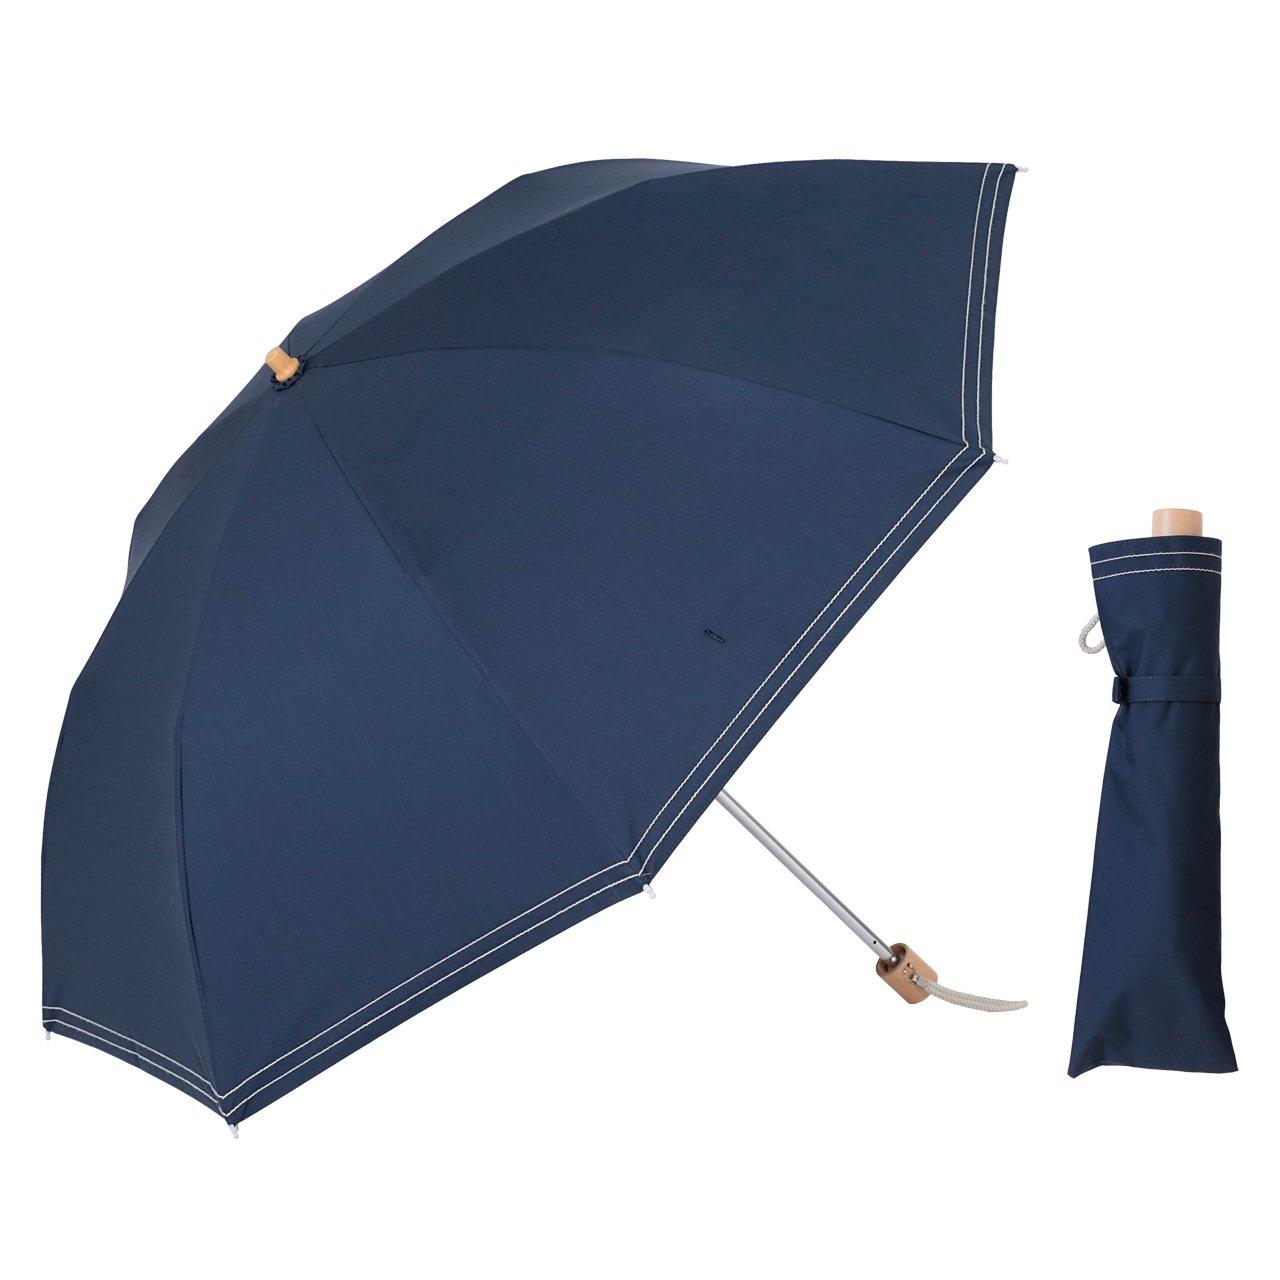 UVカット 遮光折傘 クールプラス ステッチ 晴雨兼用 50cm 日傘 ラミネート生地【LIEBEN-0527】 (ネイビー) B07BKWKFXC ネイビー ネイビー